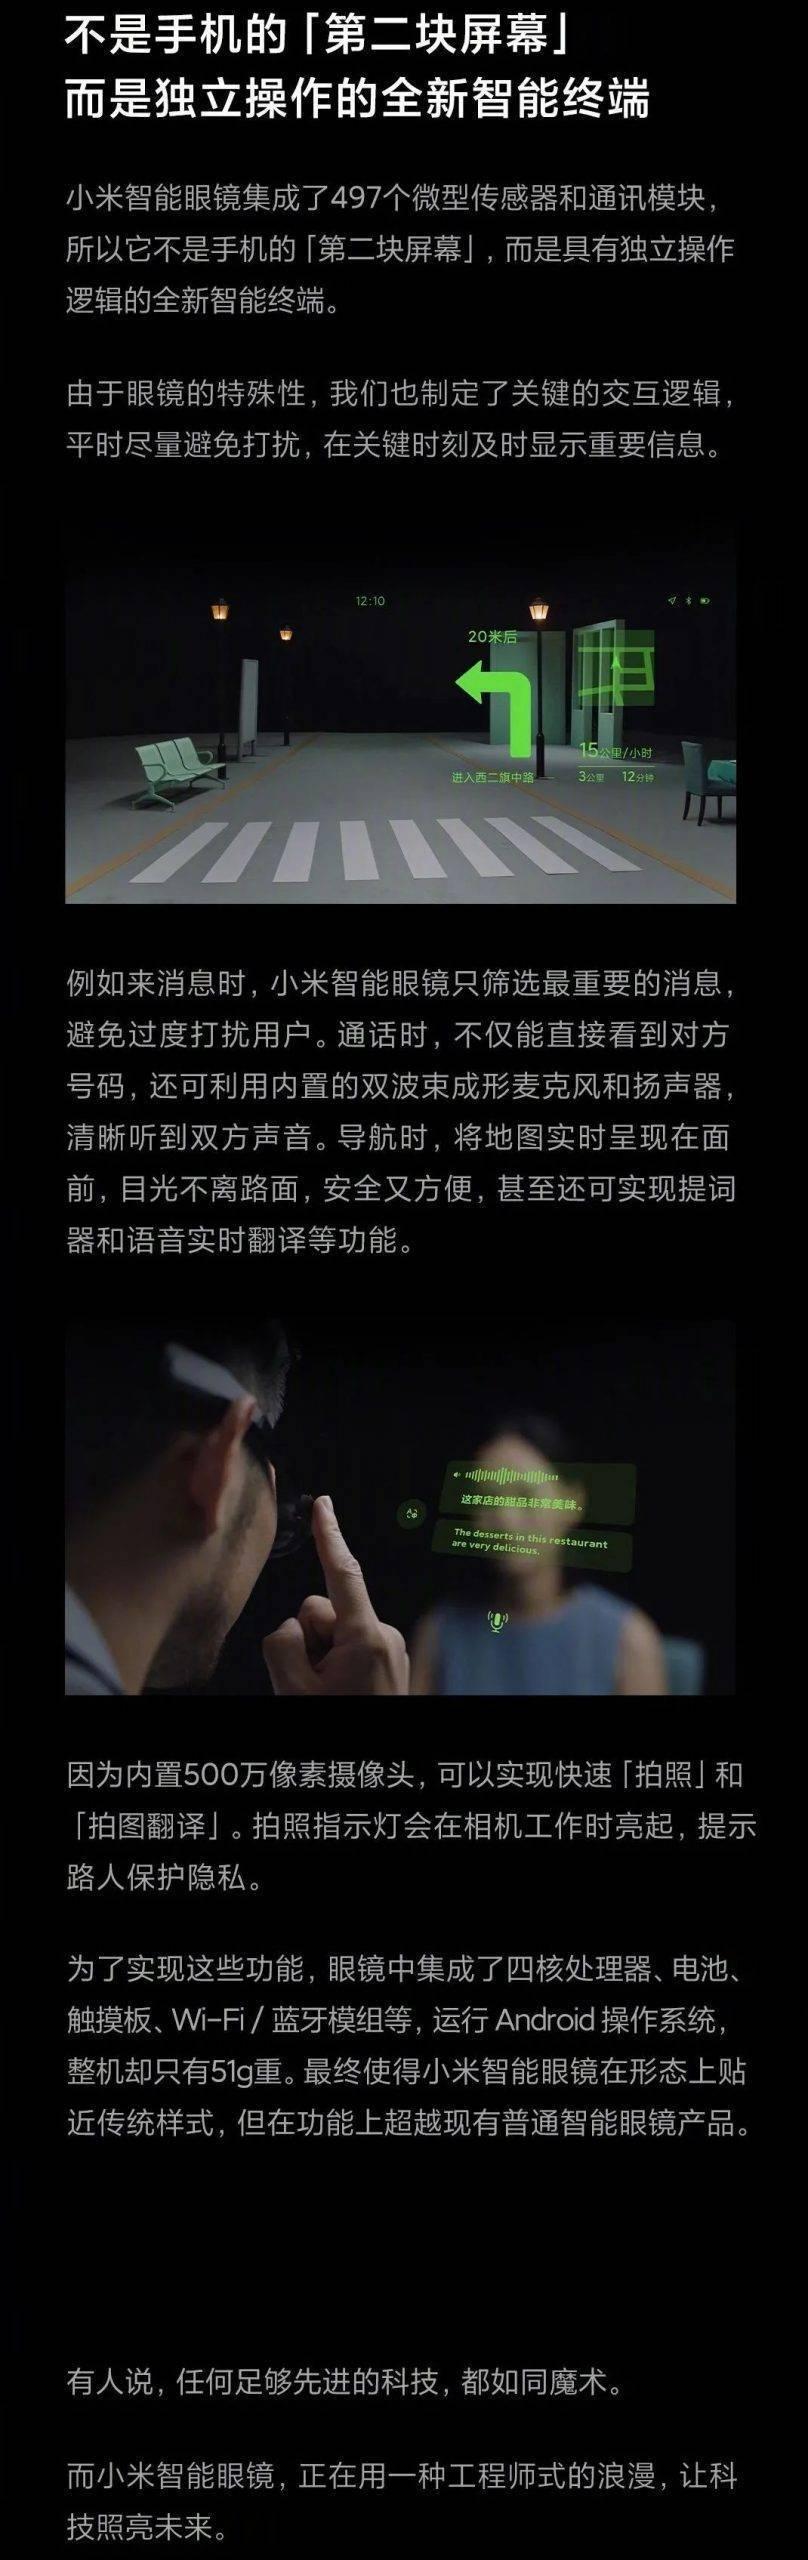 小米智能眼镜探索版亮相 | Redmi G游戏本新款9.22发布